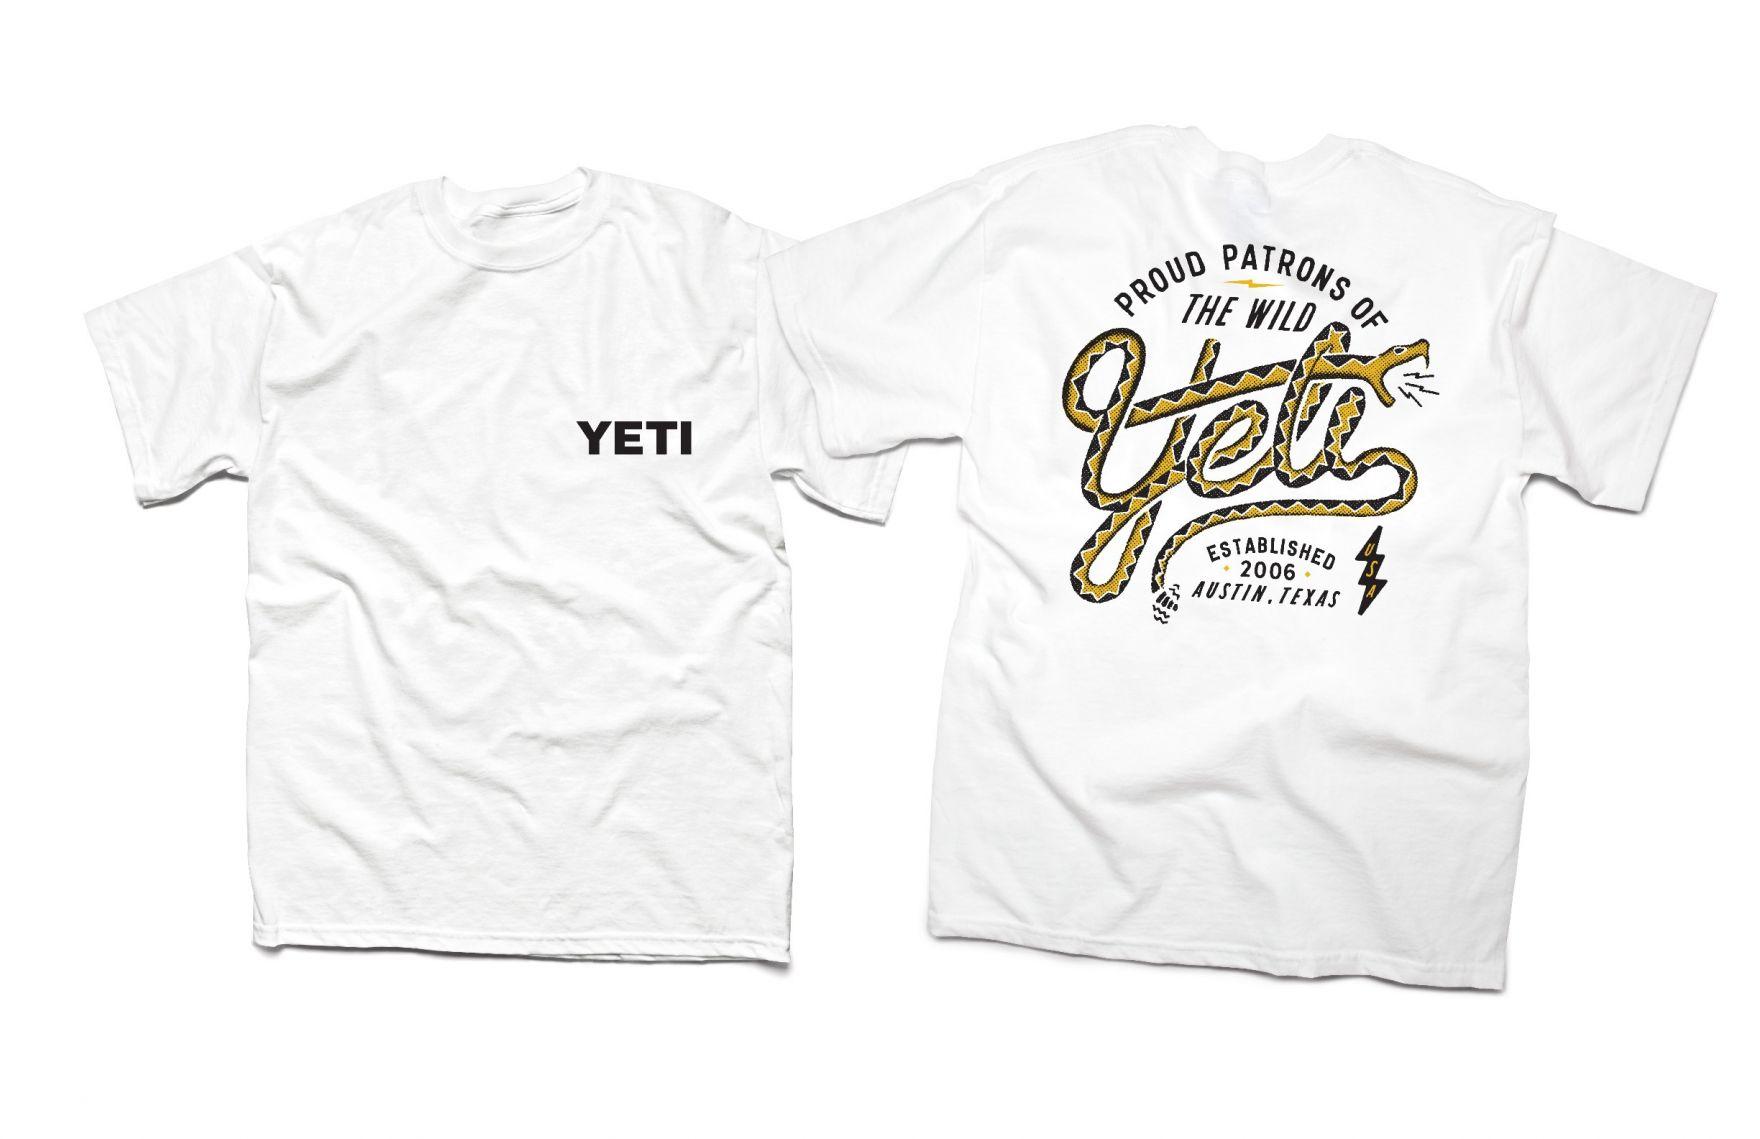 YETI-Screaming-Snake-Shirt-01-11